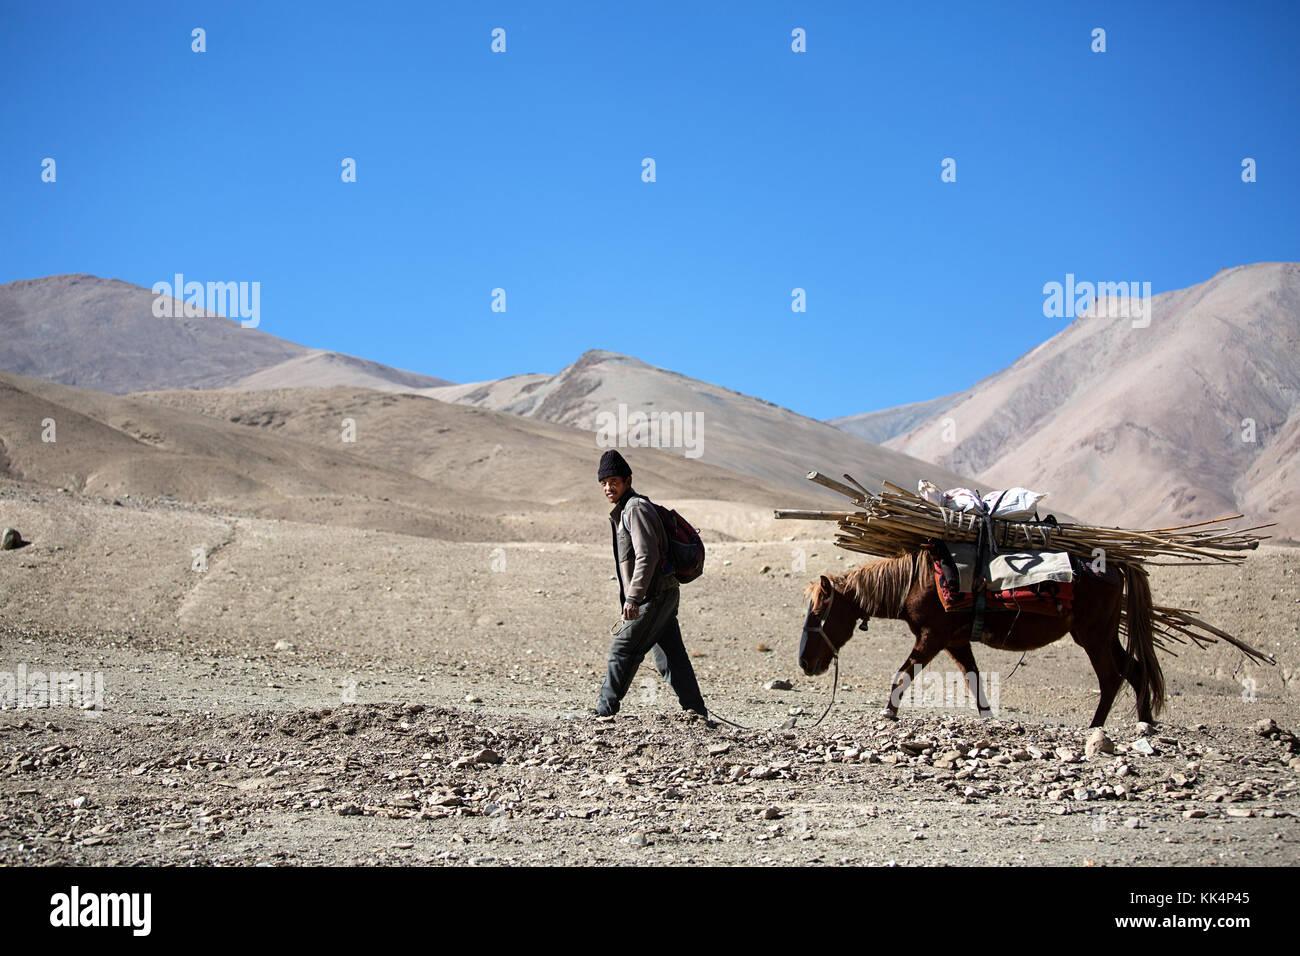 L'homme local avec une mule - mode de transport, le Ladakh, le Jammu-et-Cachemire, en Inde. Photo Stock